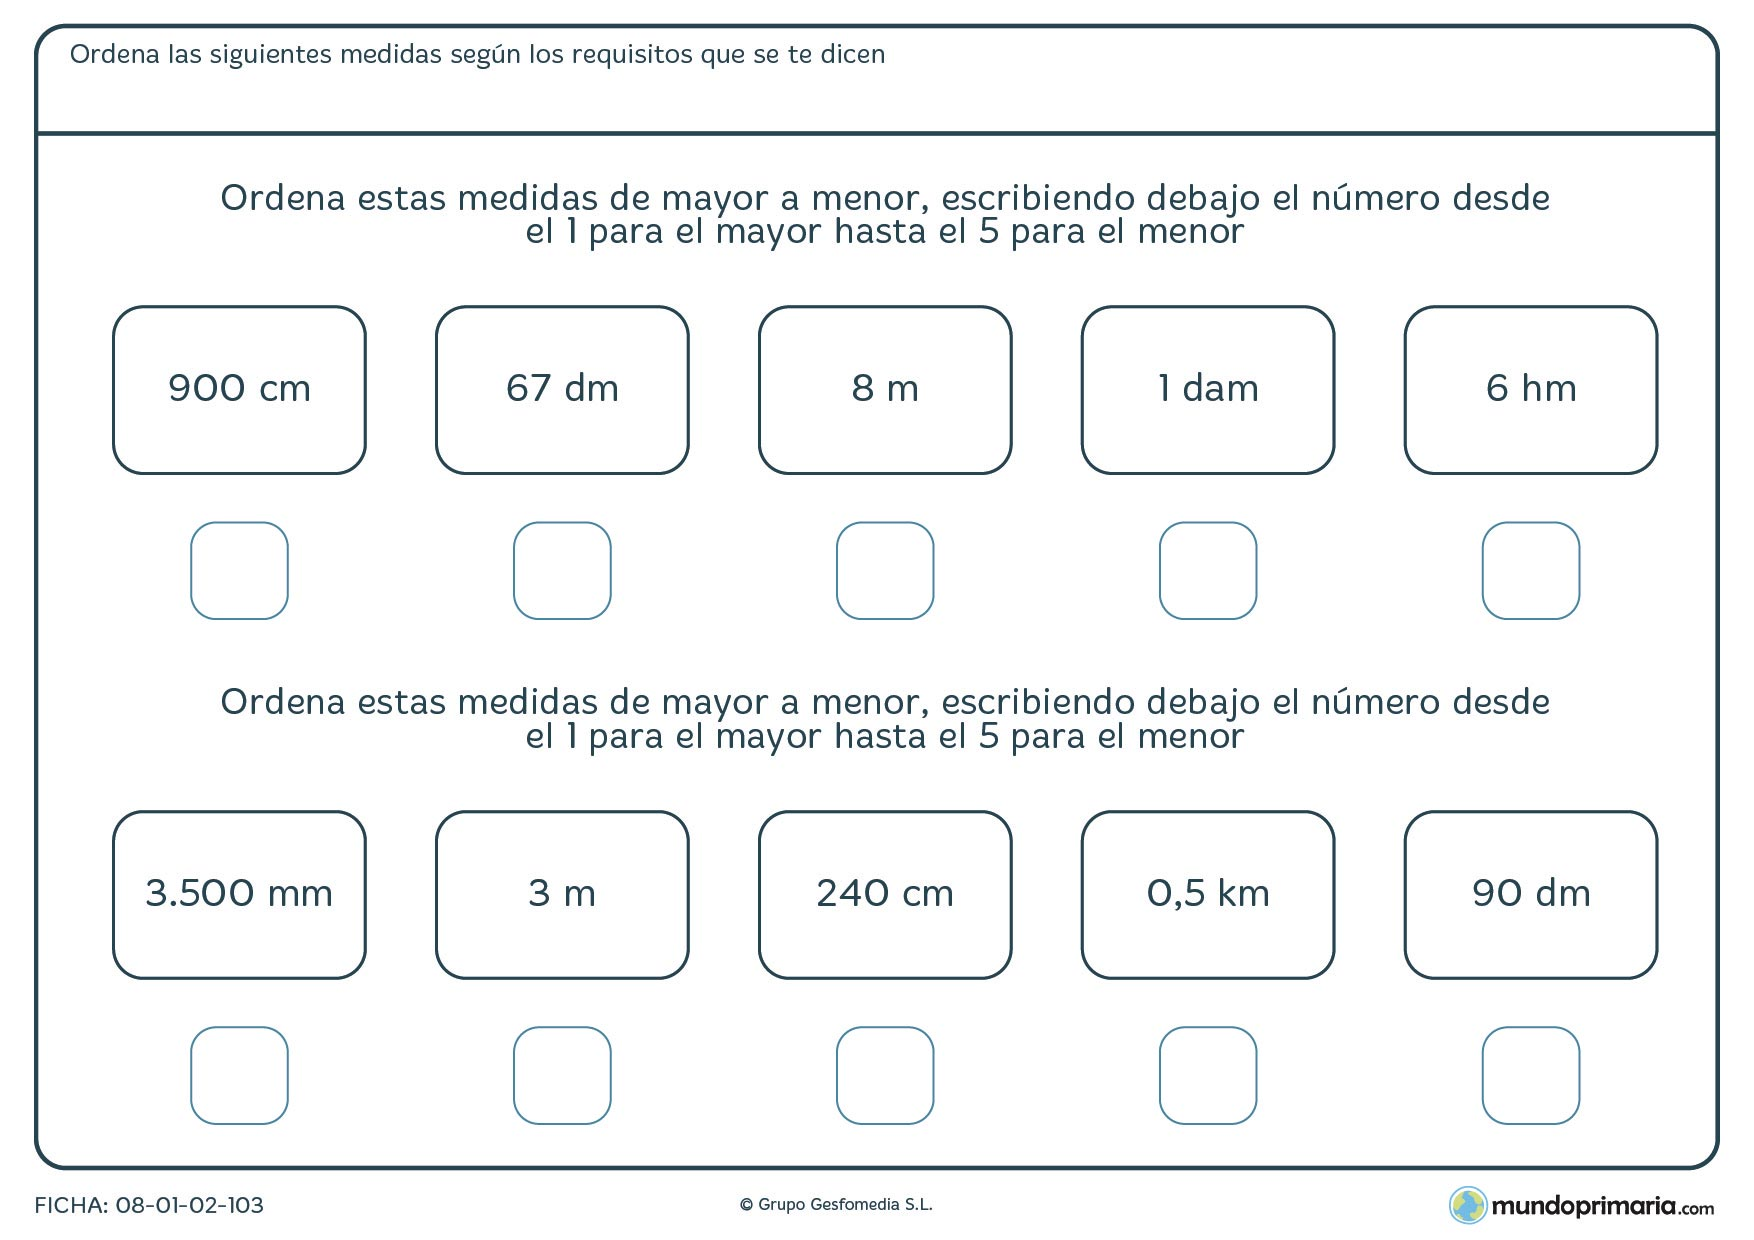 Ficha de ordenar medidas en la que debes rellenar la casilla en blanco con la posición que ocupa.